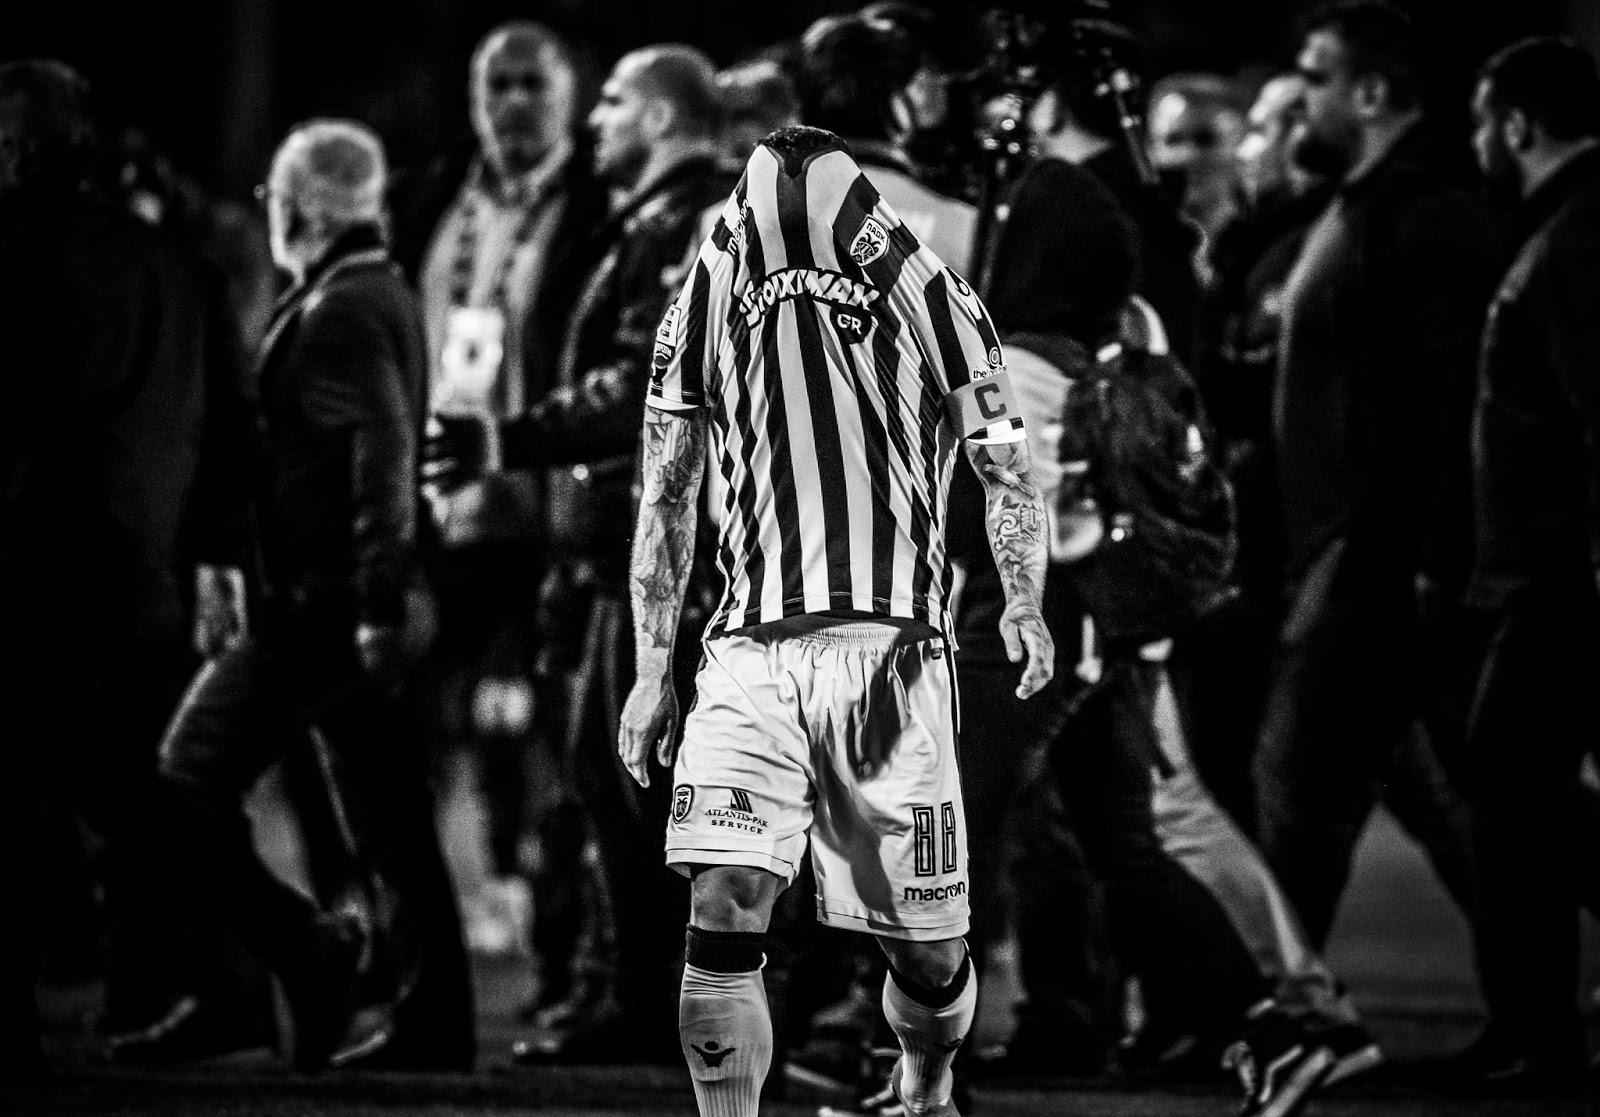 """Διαιτητής Κομίνης: """"Είπα ότι θα μετρήσω το γκολ, γιατί δεν θα γυρίσω στα παιδιά μου, φοβήθηκα για την ζωή μου"""""""